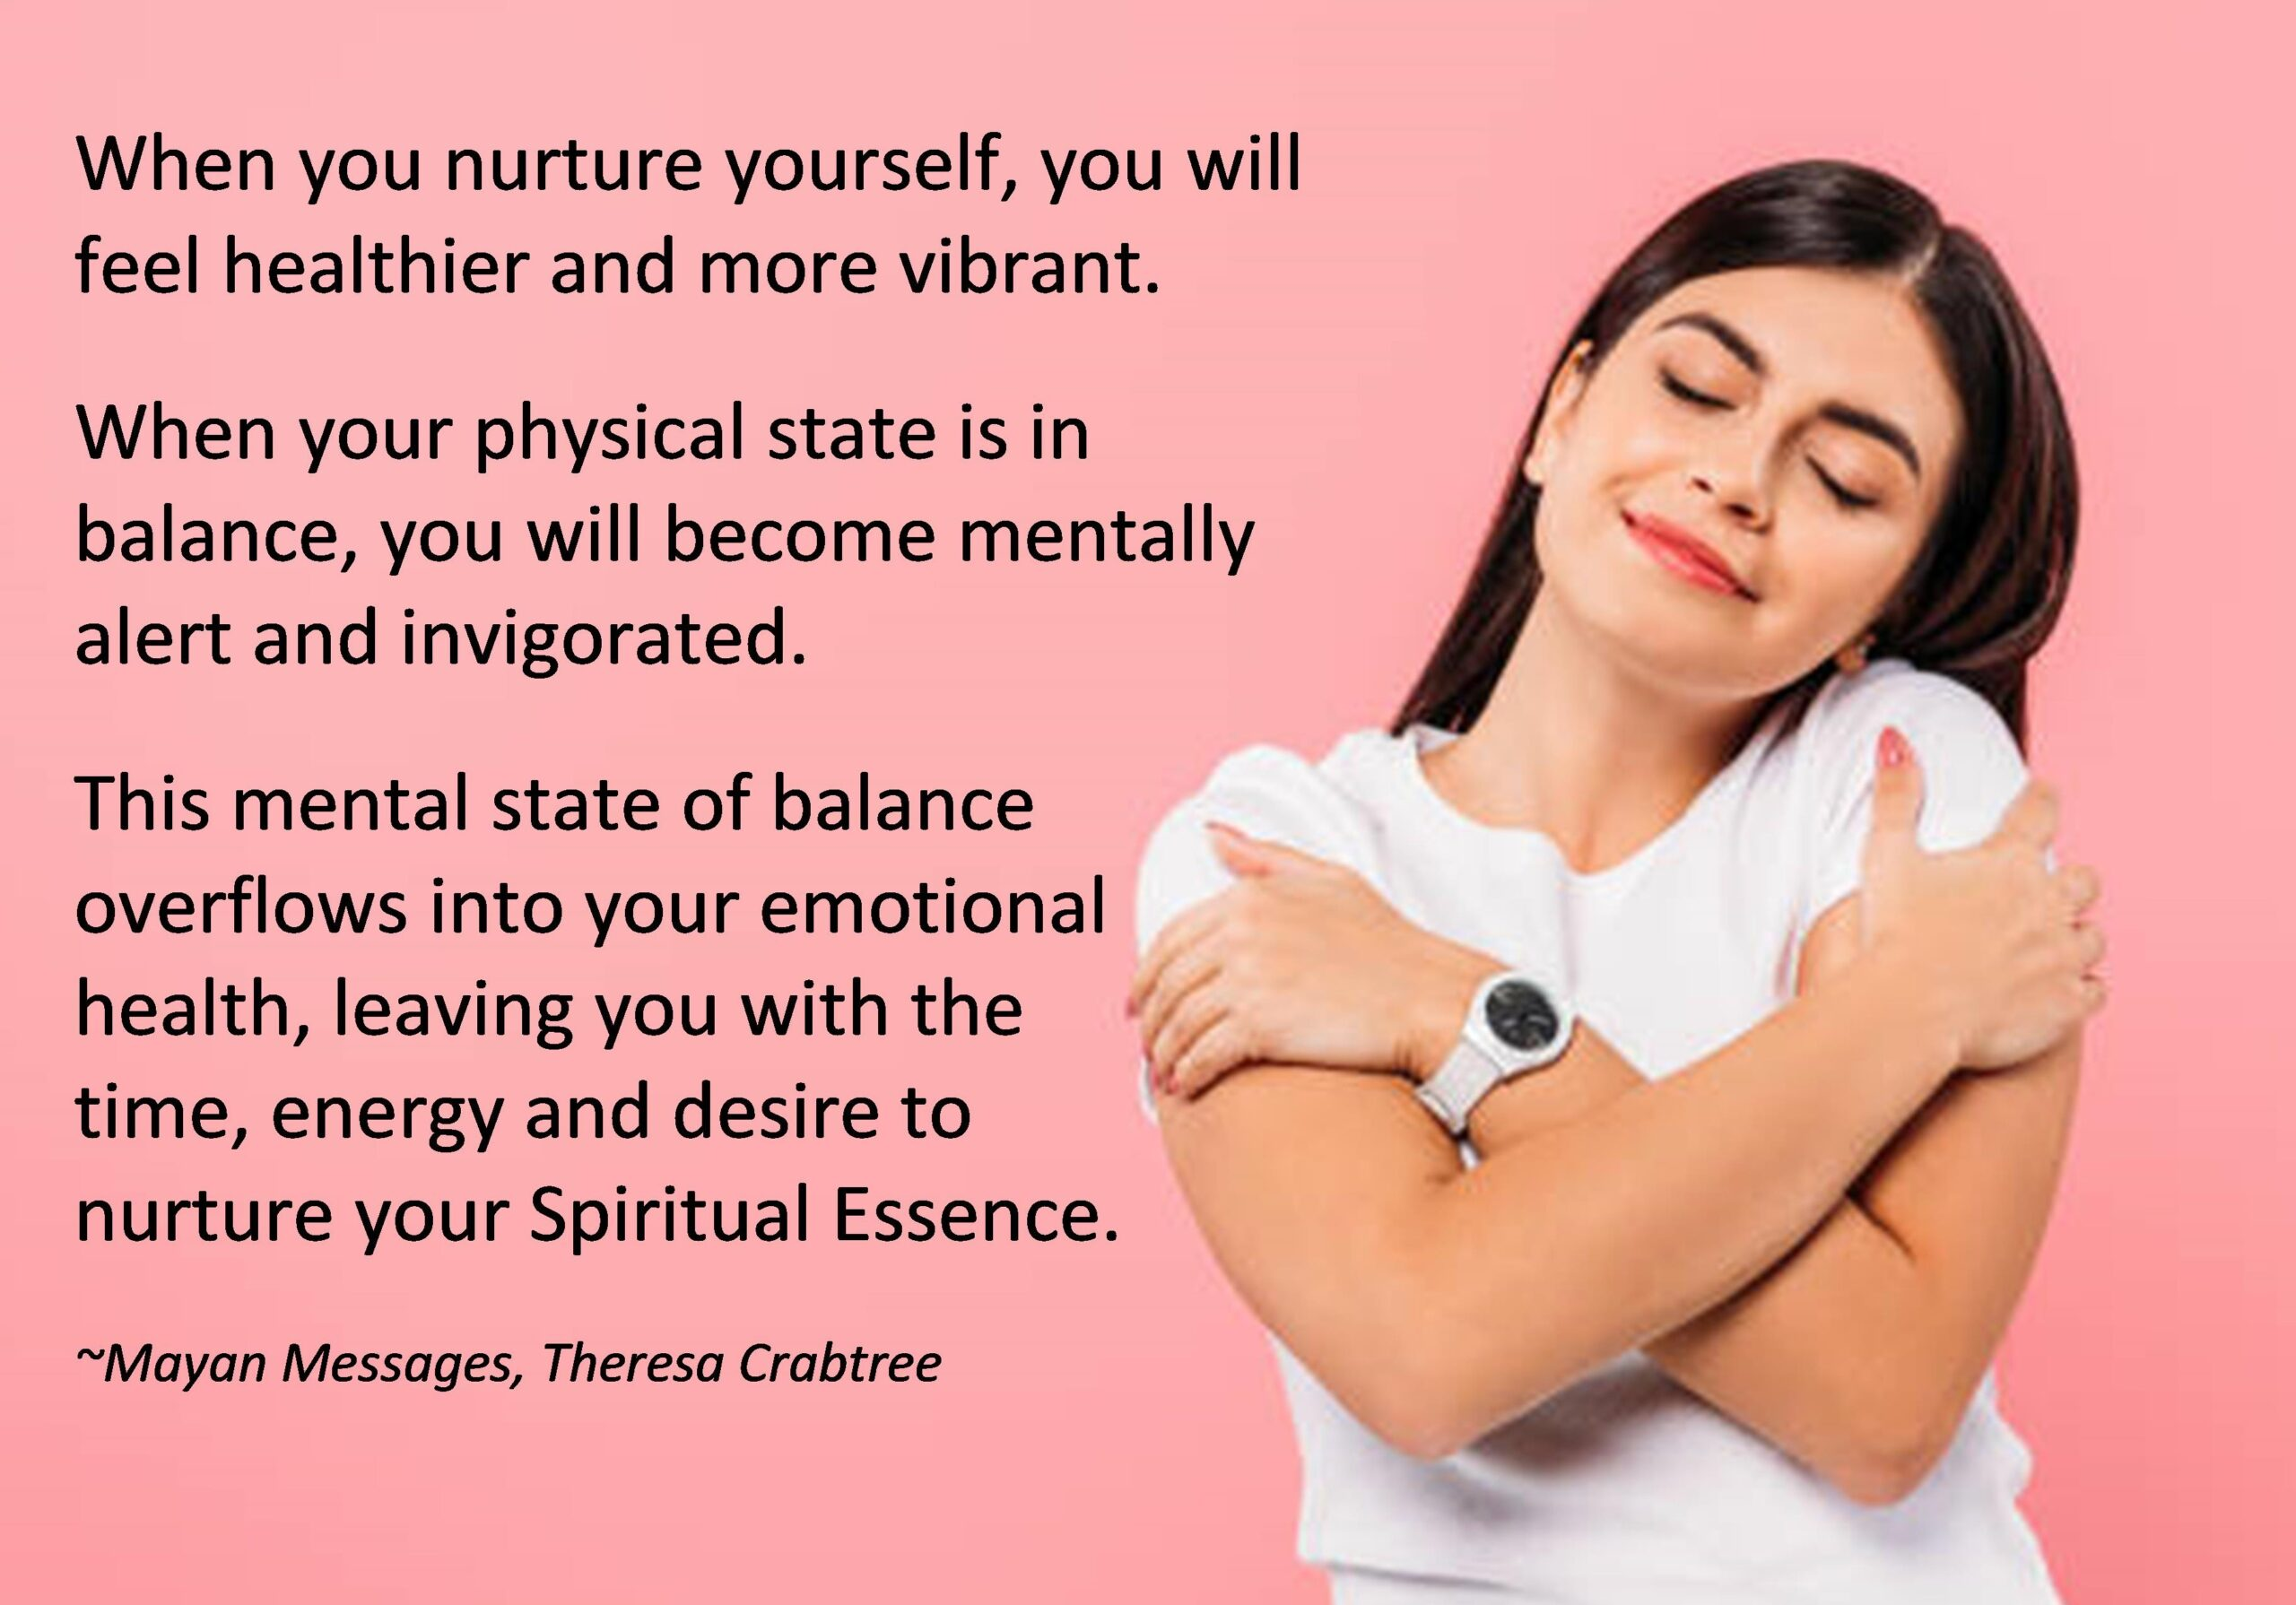 Self Nurture